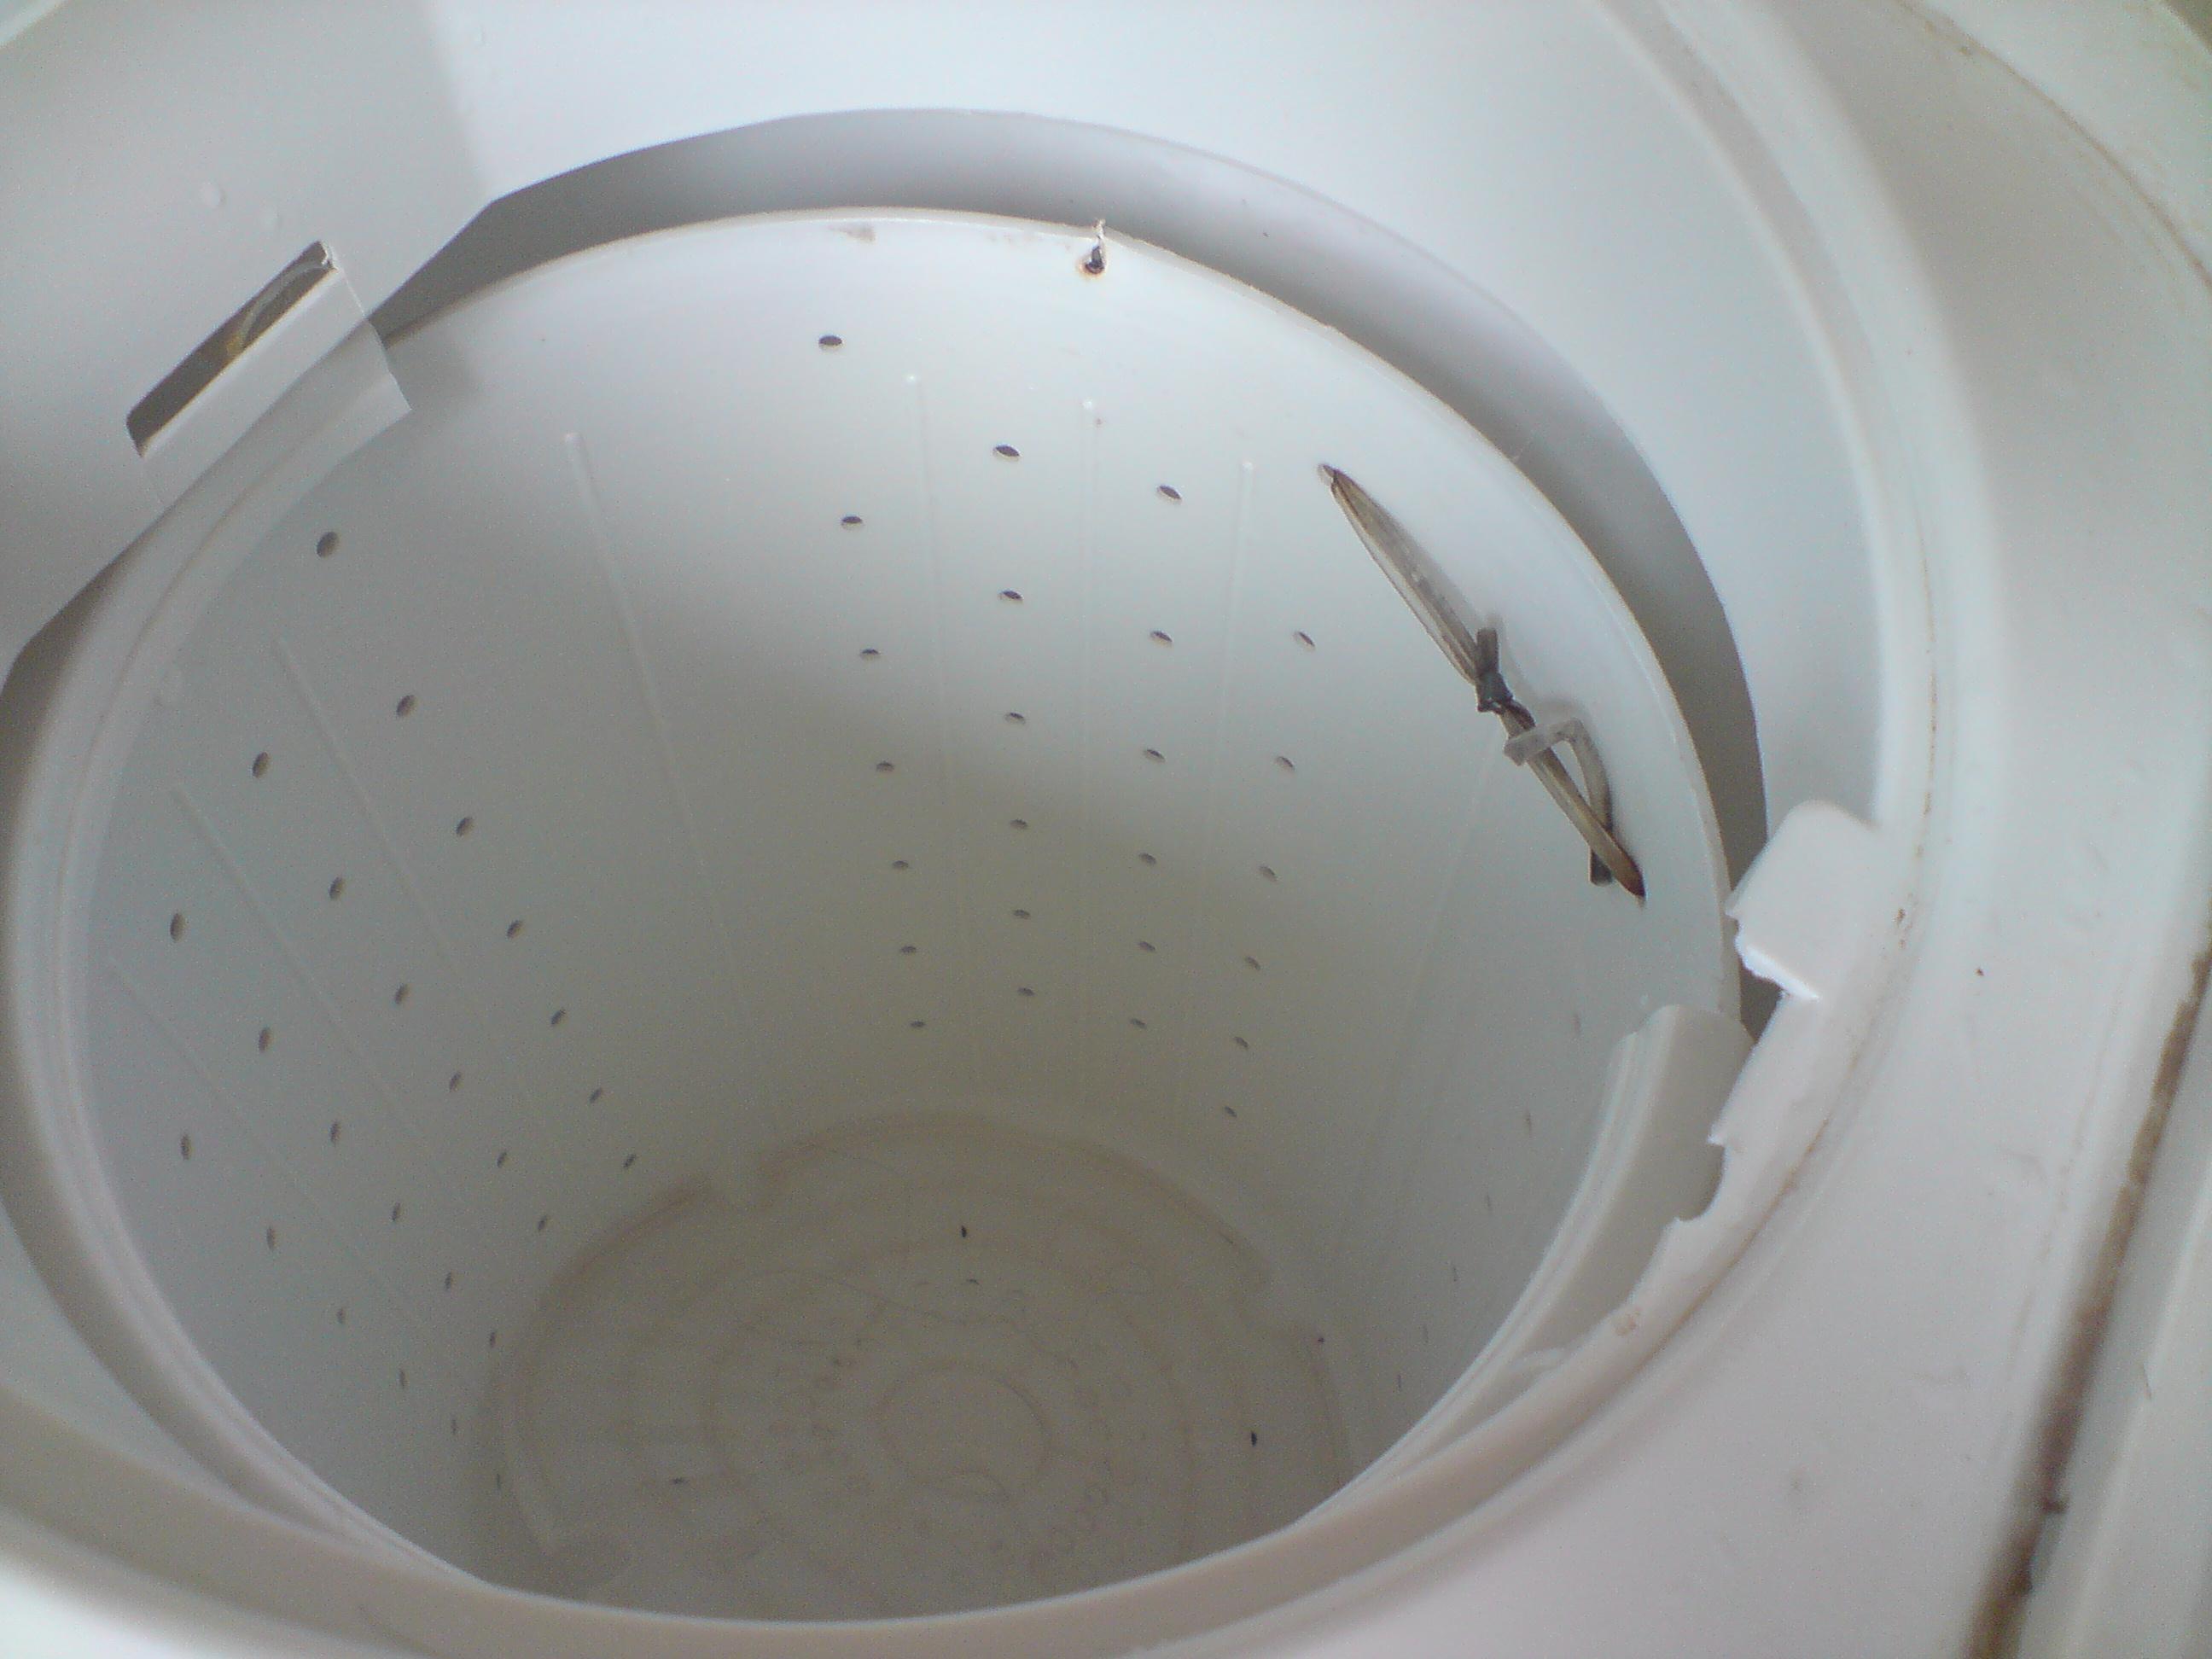 金帅xpb92292bs洗衣机脱水桶塑料材质太差